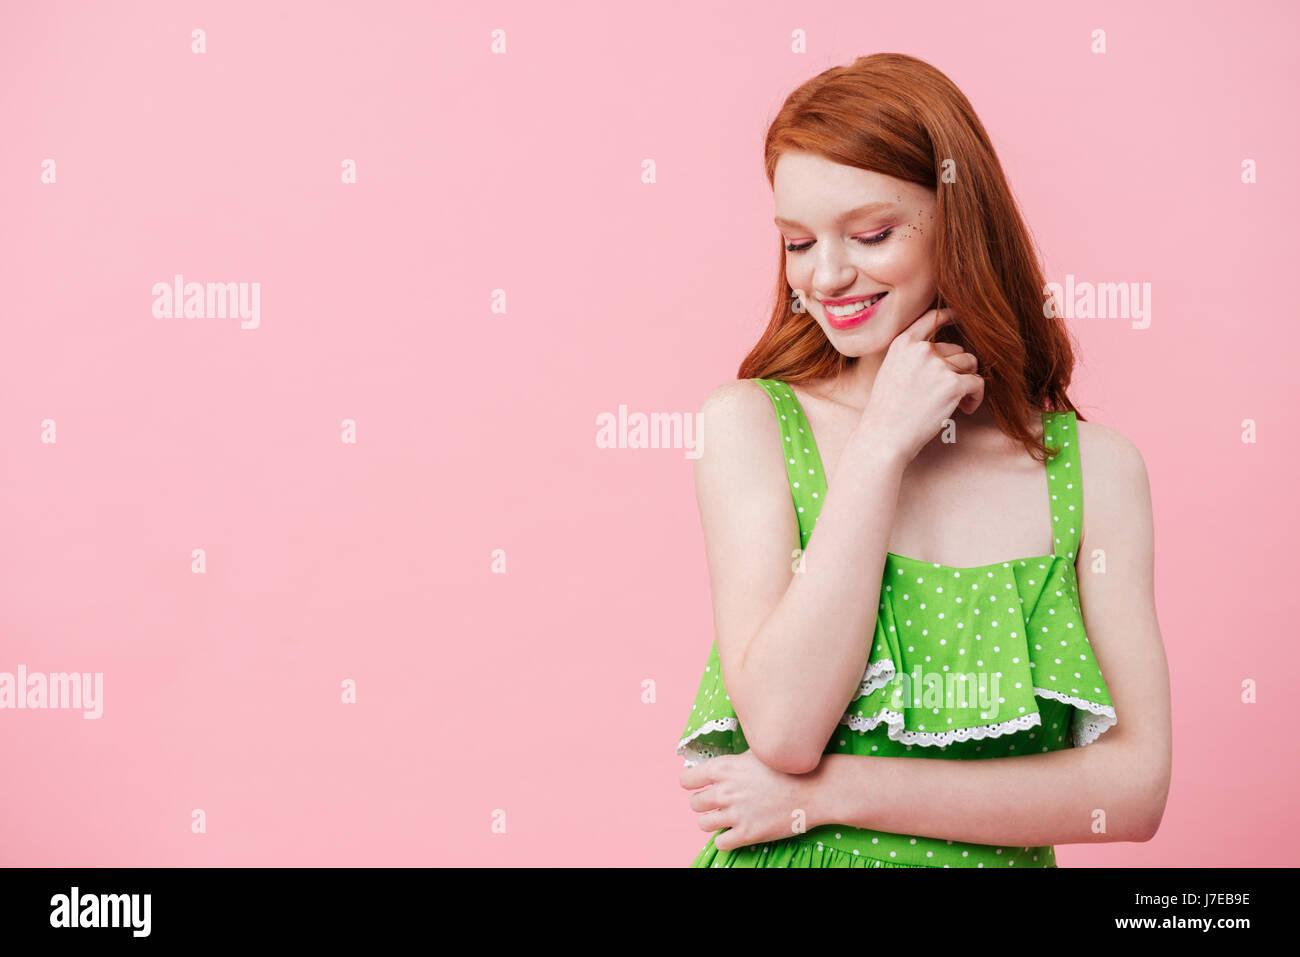 Ritratto di giovane donna redhead indossando abiti verdi e guardando verso il basso Immagini Stock